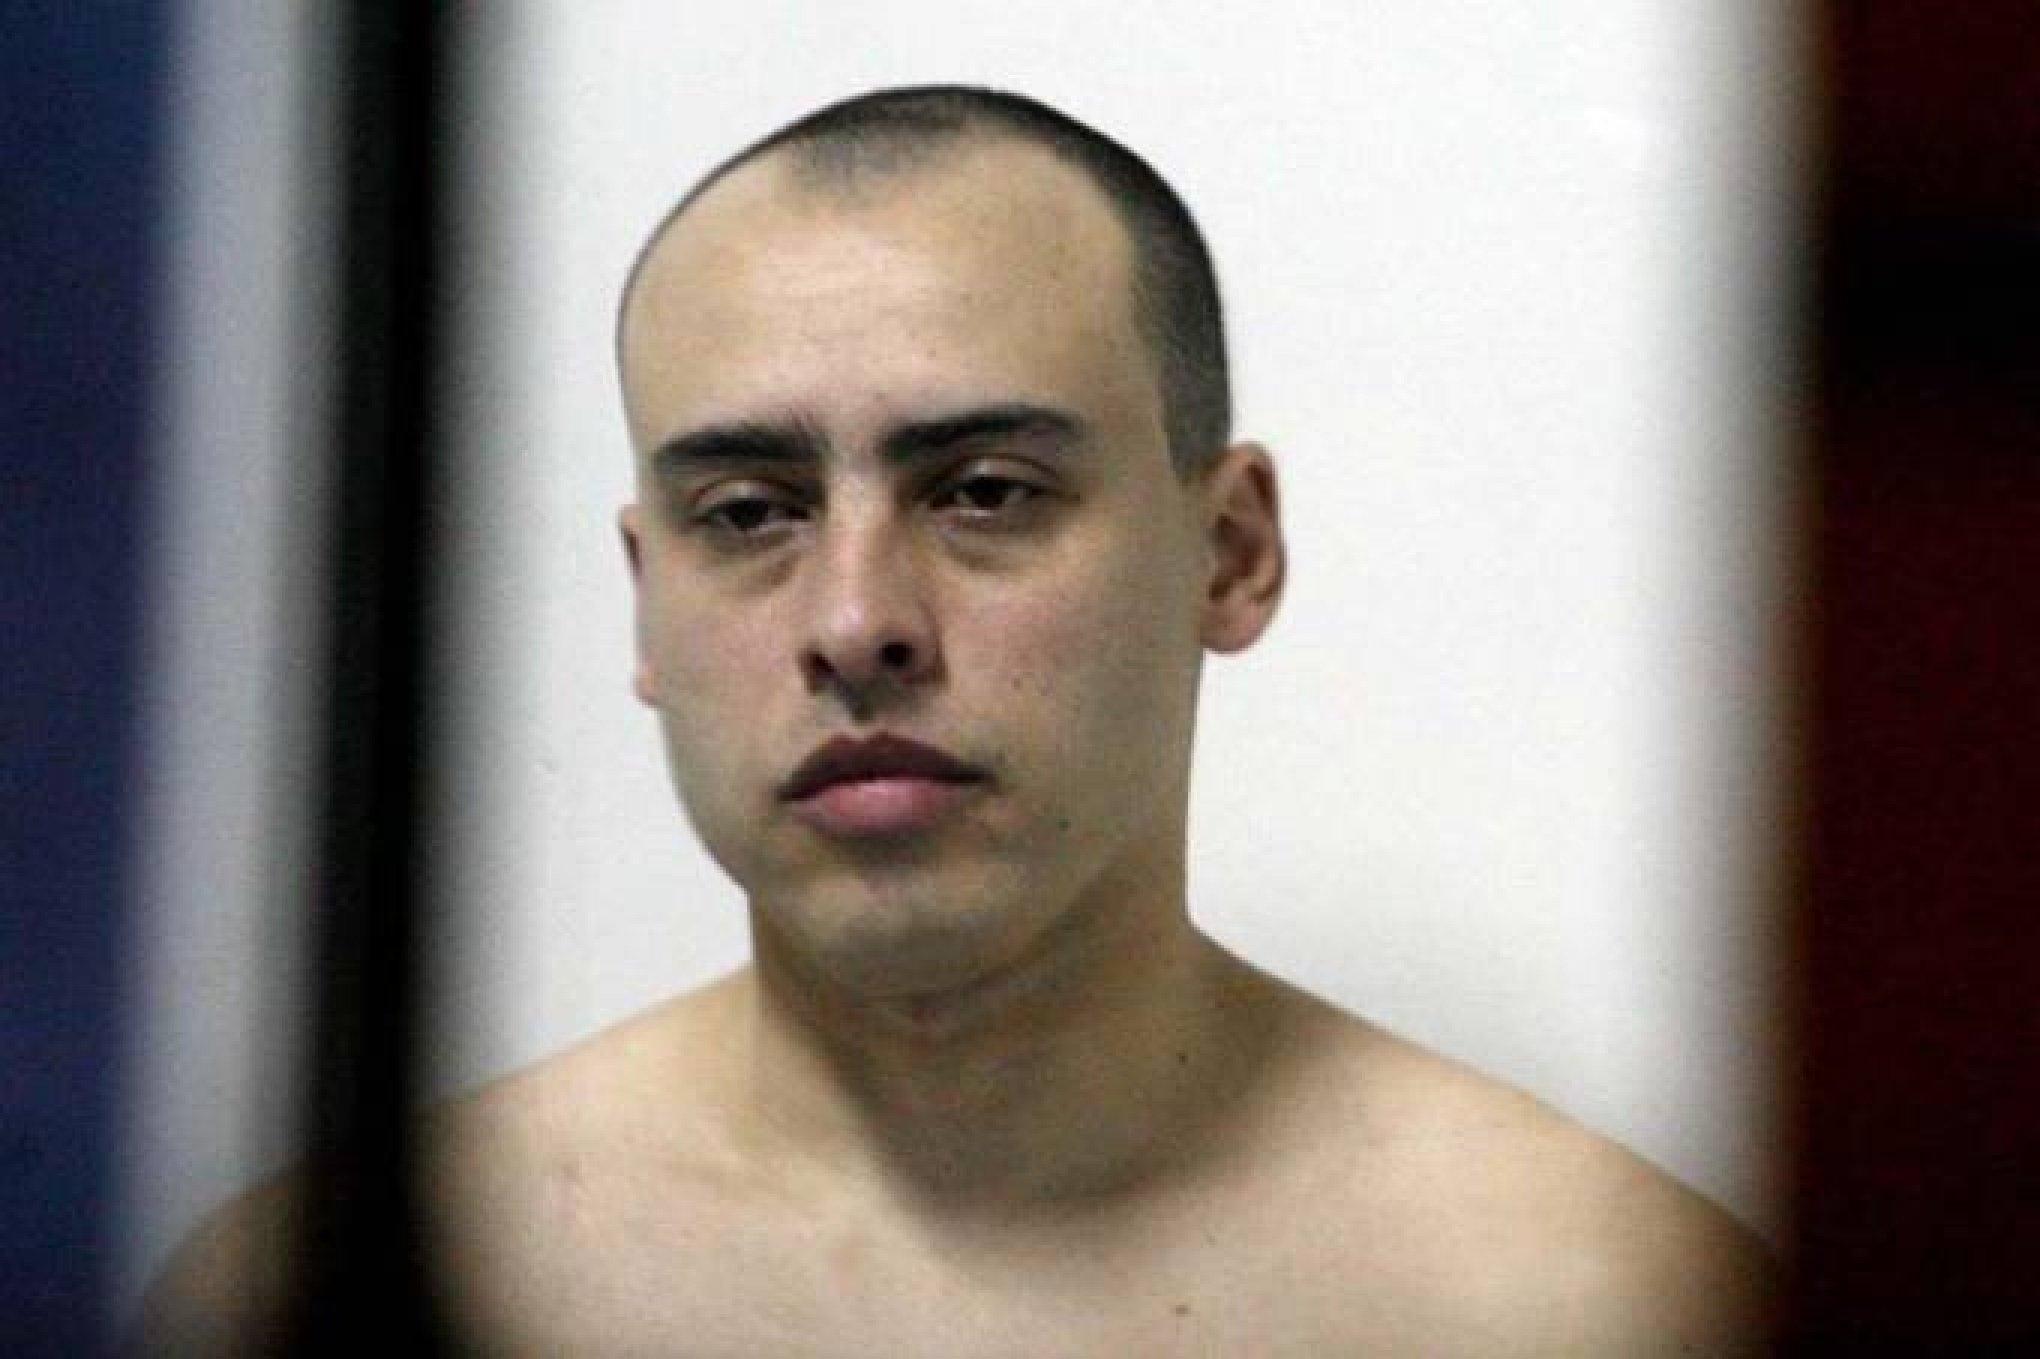 Alexandre Nardoni poderá deixar a prisão durante o dia